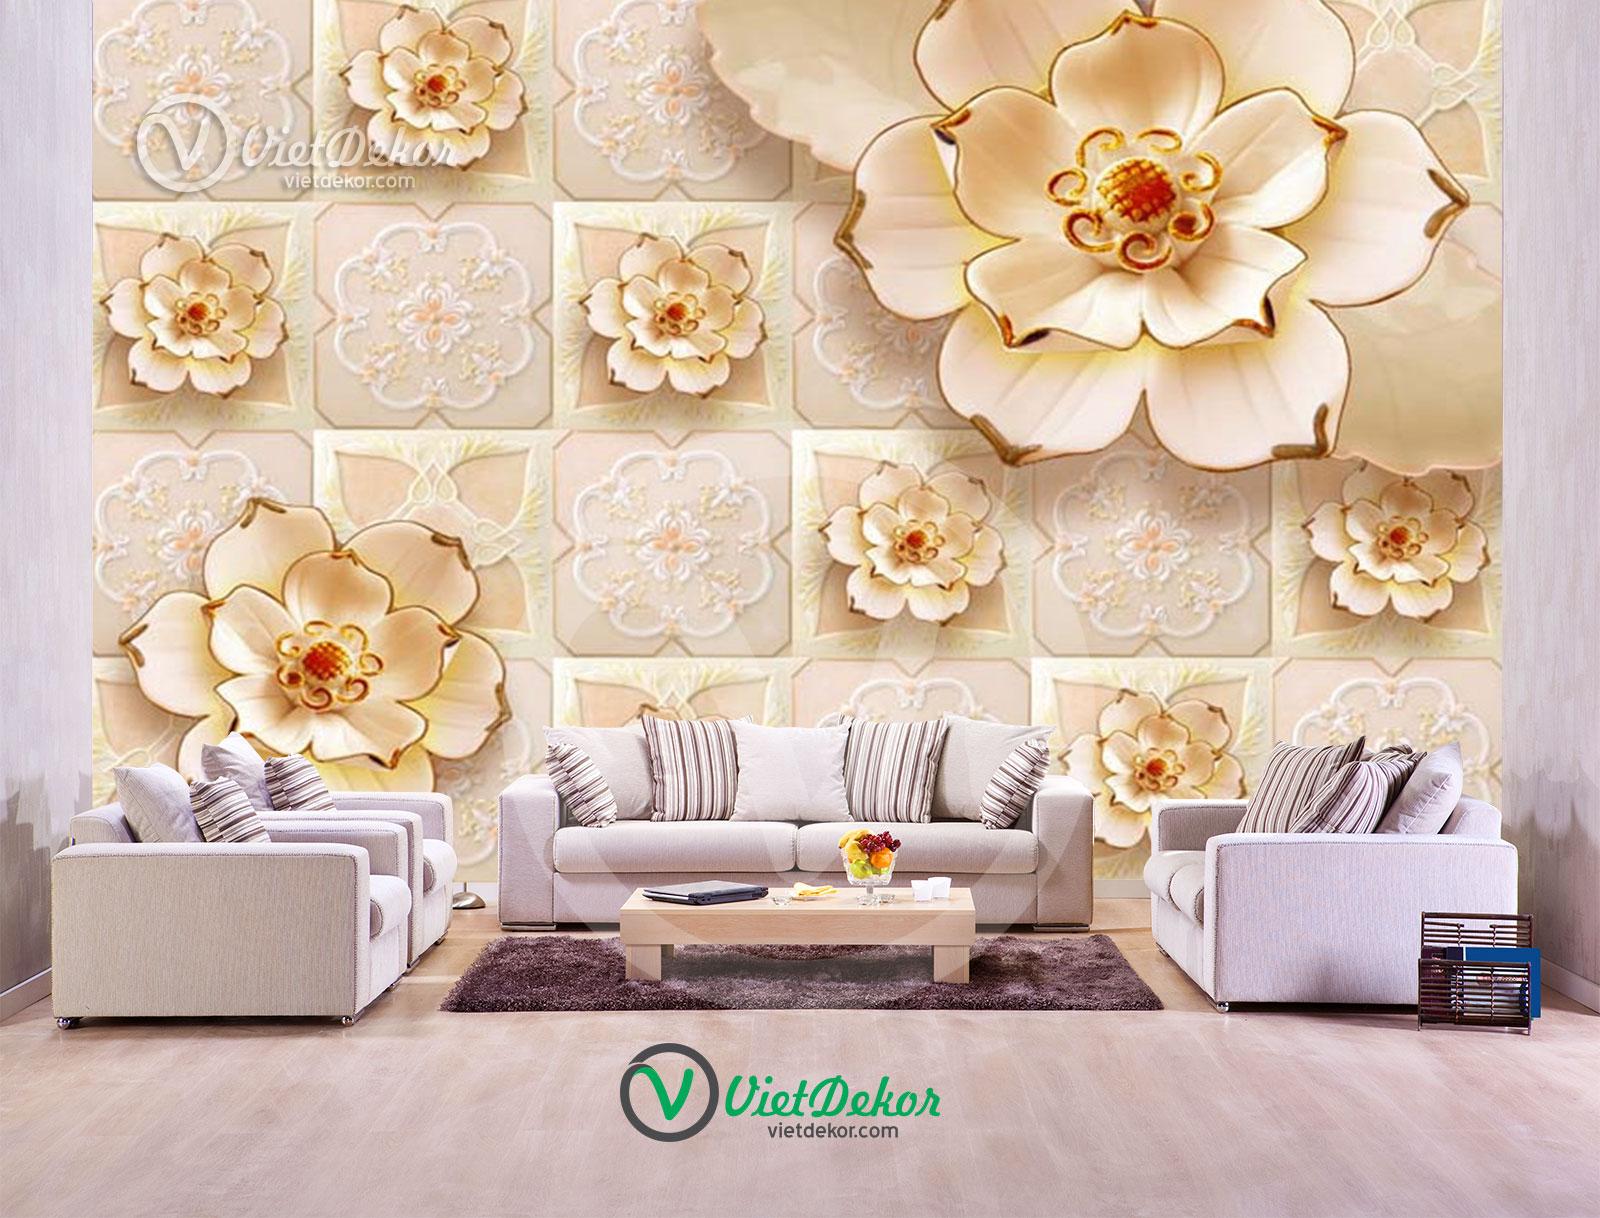 Tranh dán tường 3d hoa trang trí phòng ngủ